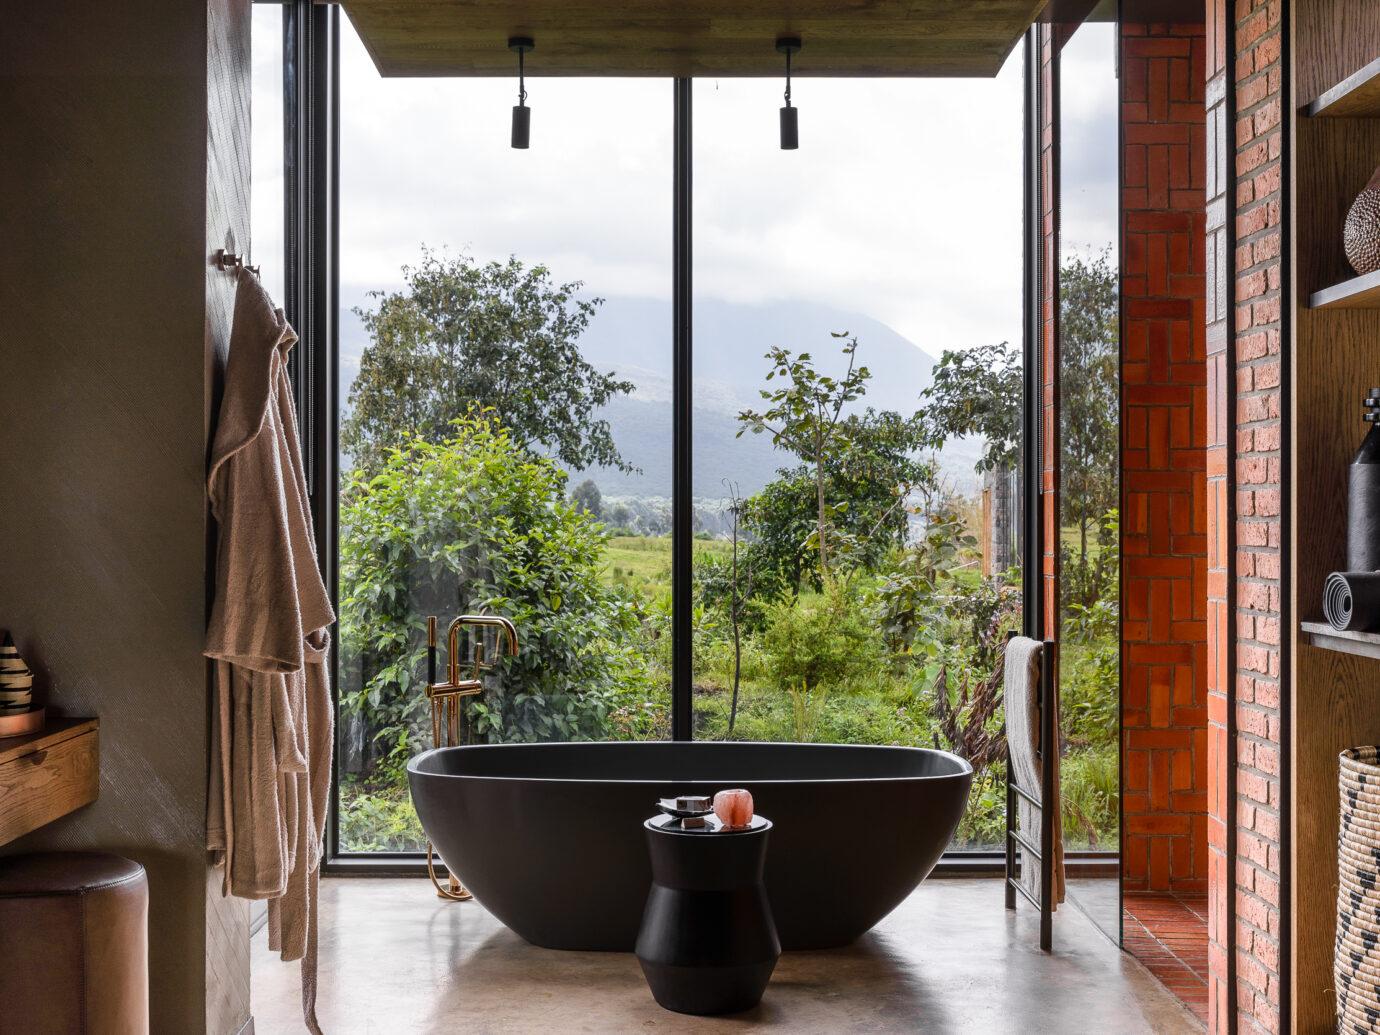 Kwitonda Lodge bath tub